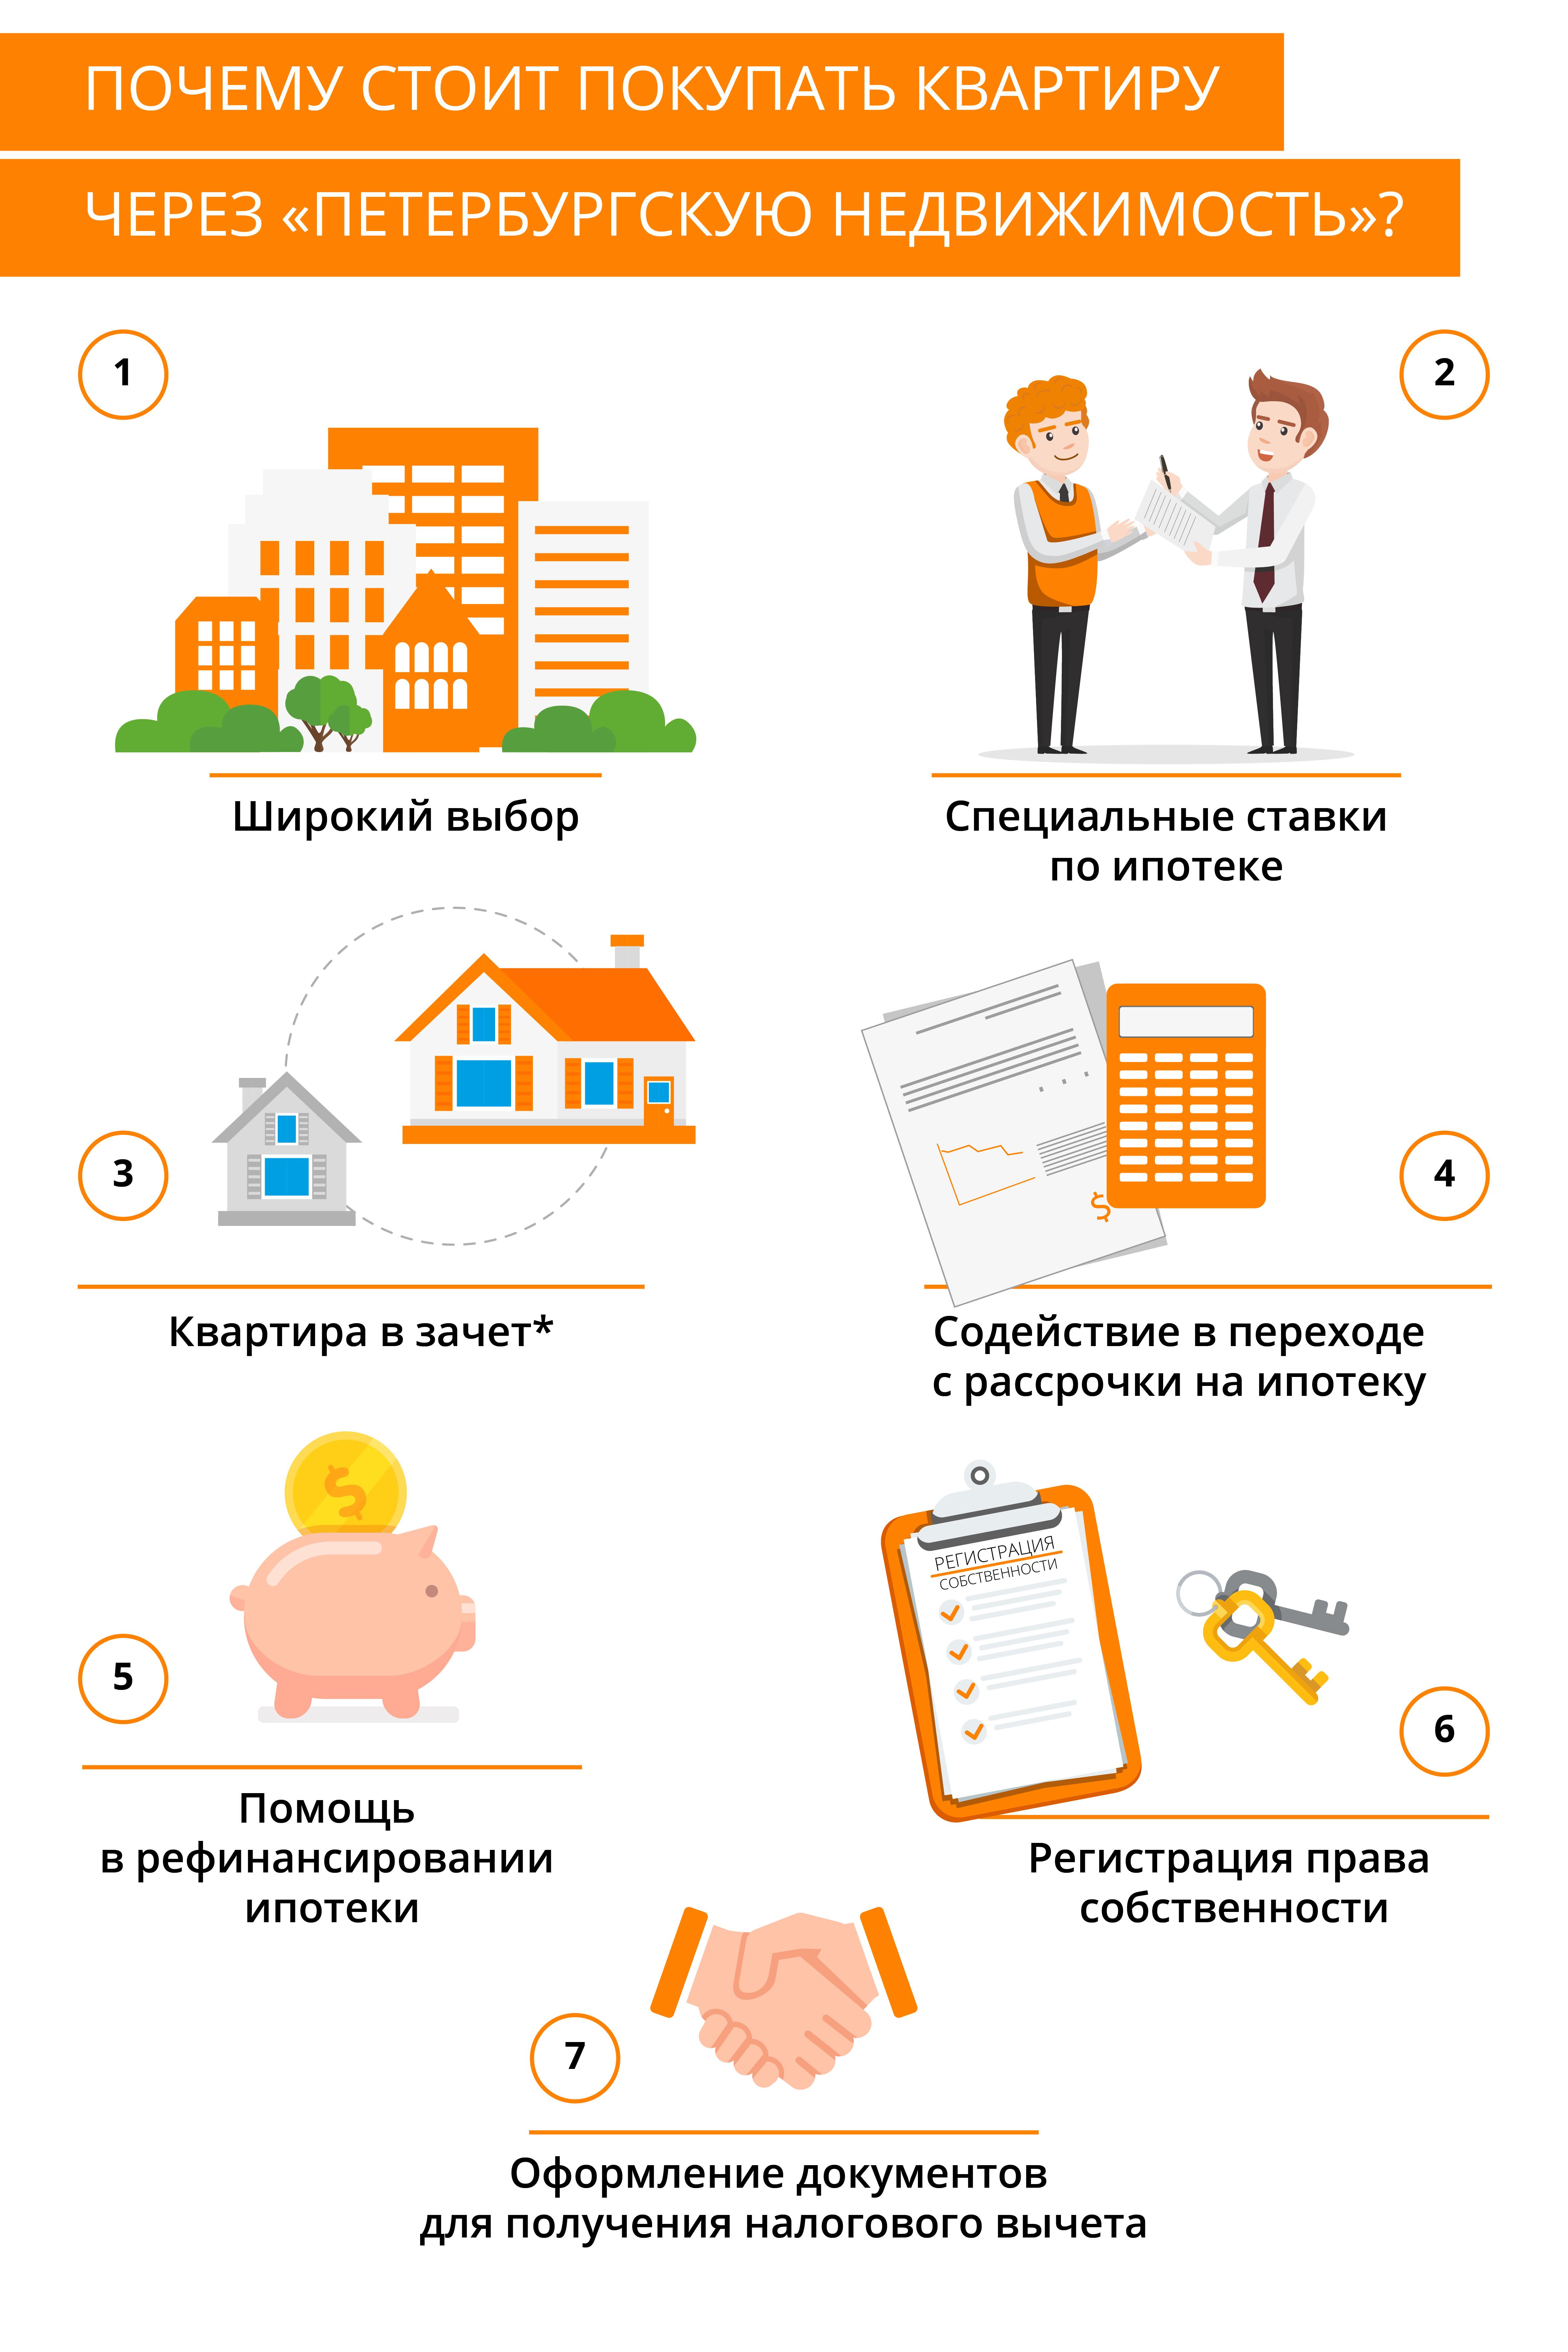 Зачем мне покупать квартиру с меблировкой? (Иллюстрация 1 из 2) (Фото: Екатерина Елизарова)